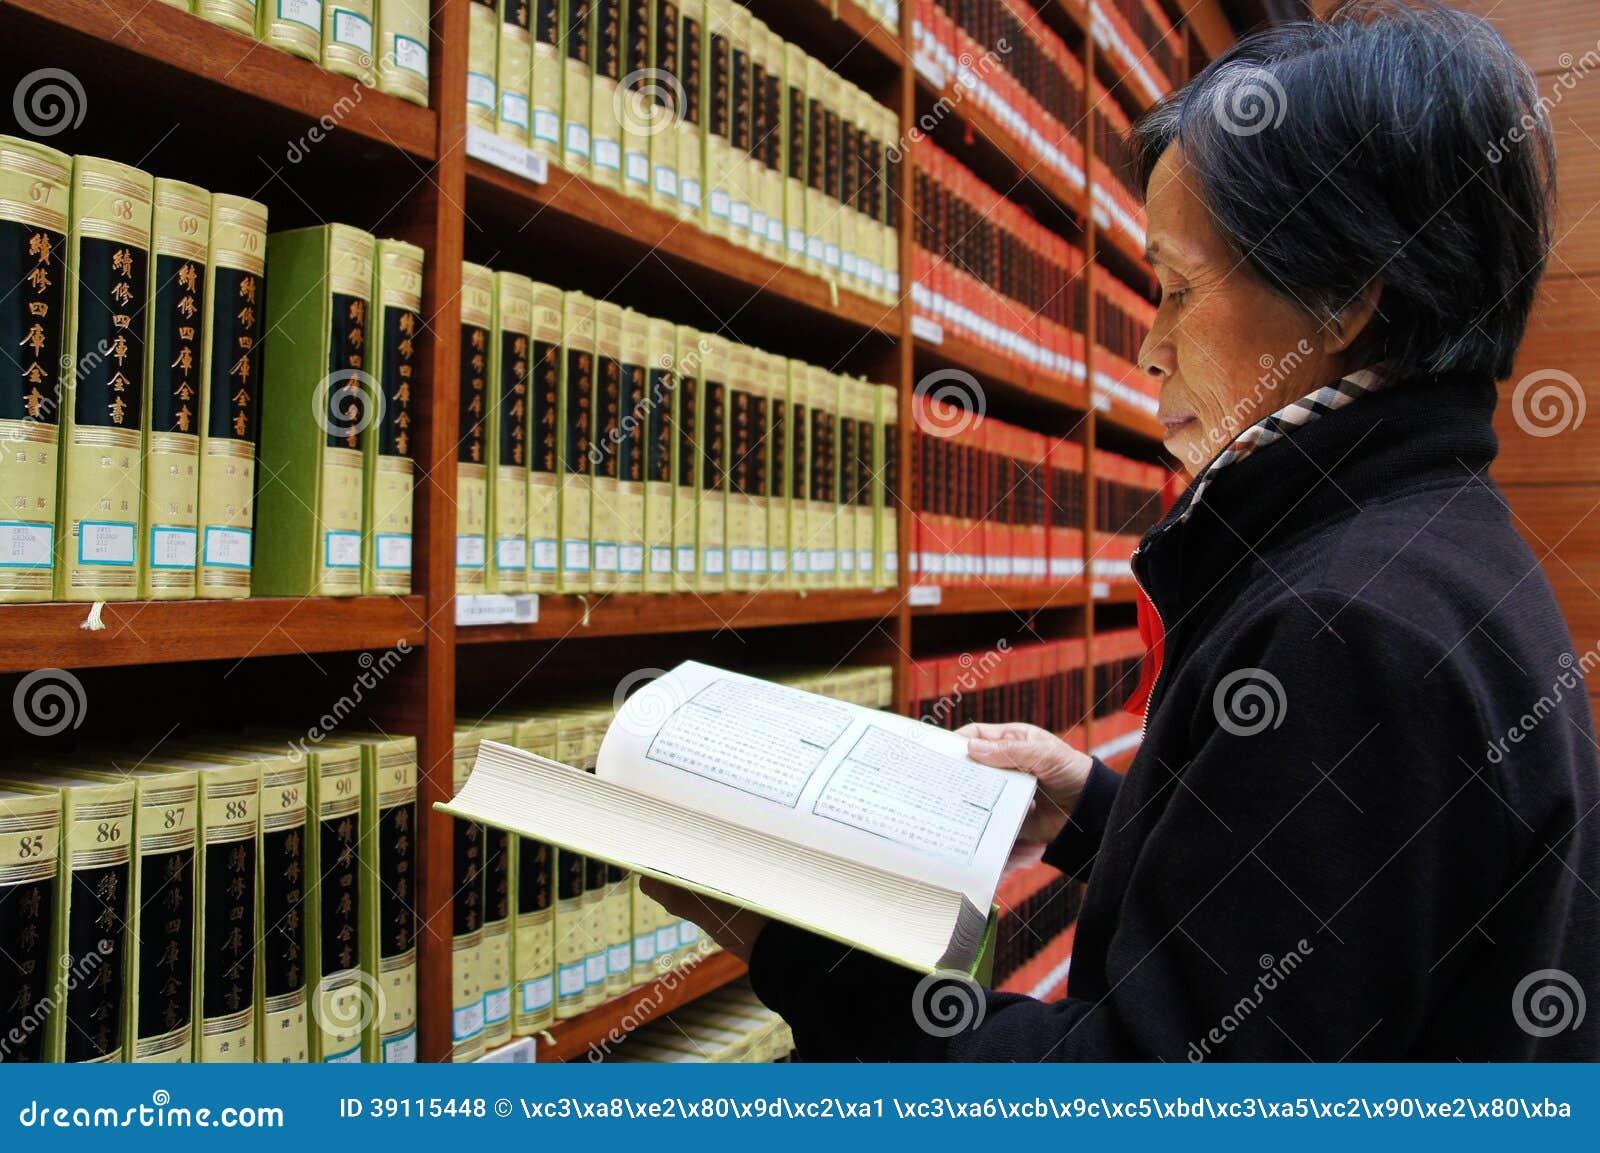 Bibliotheek, boekenrek, lezing, het denken